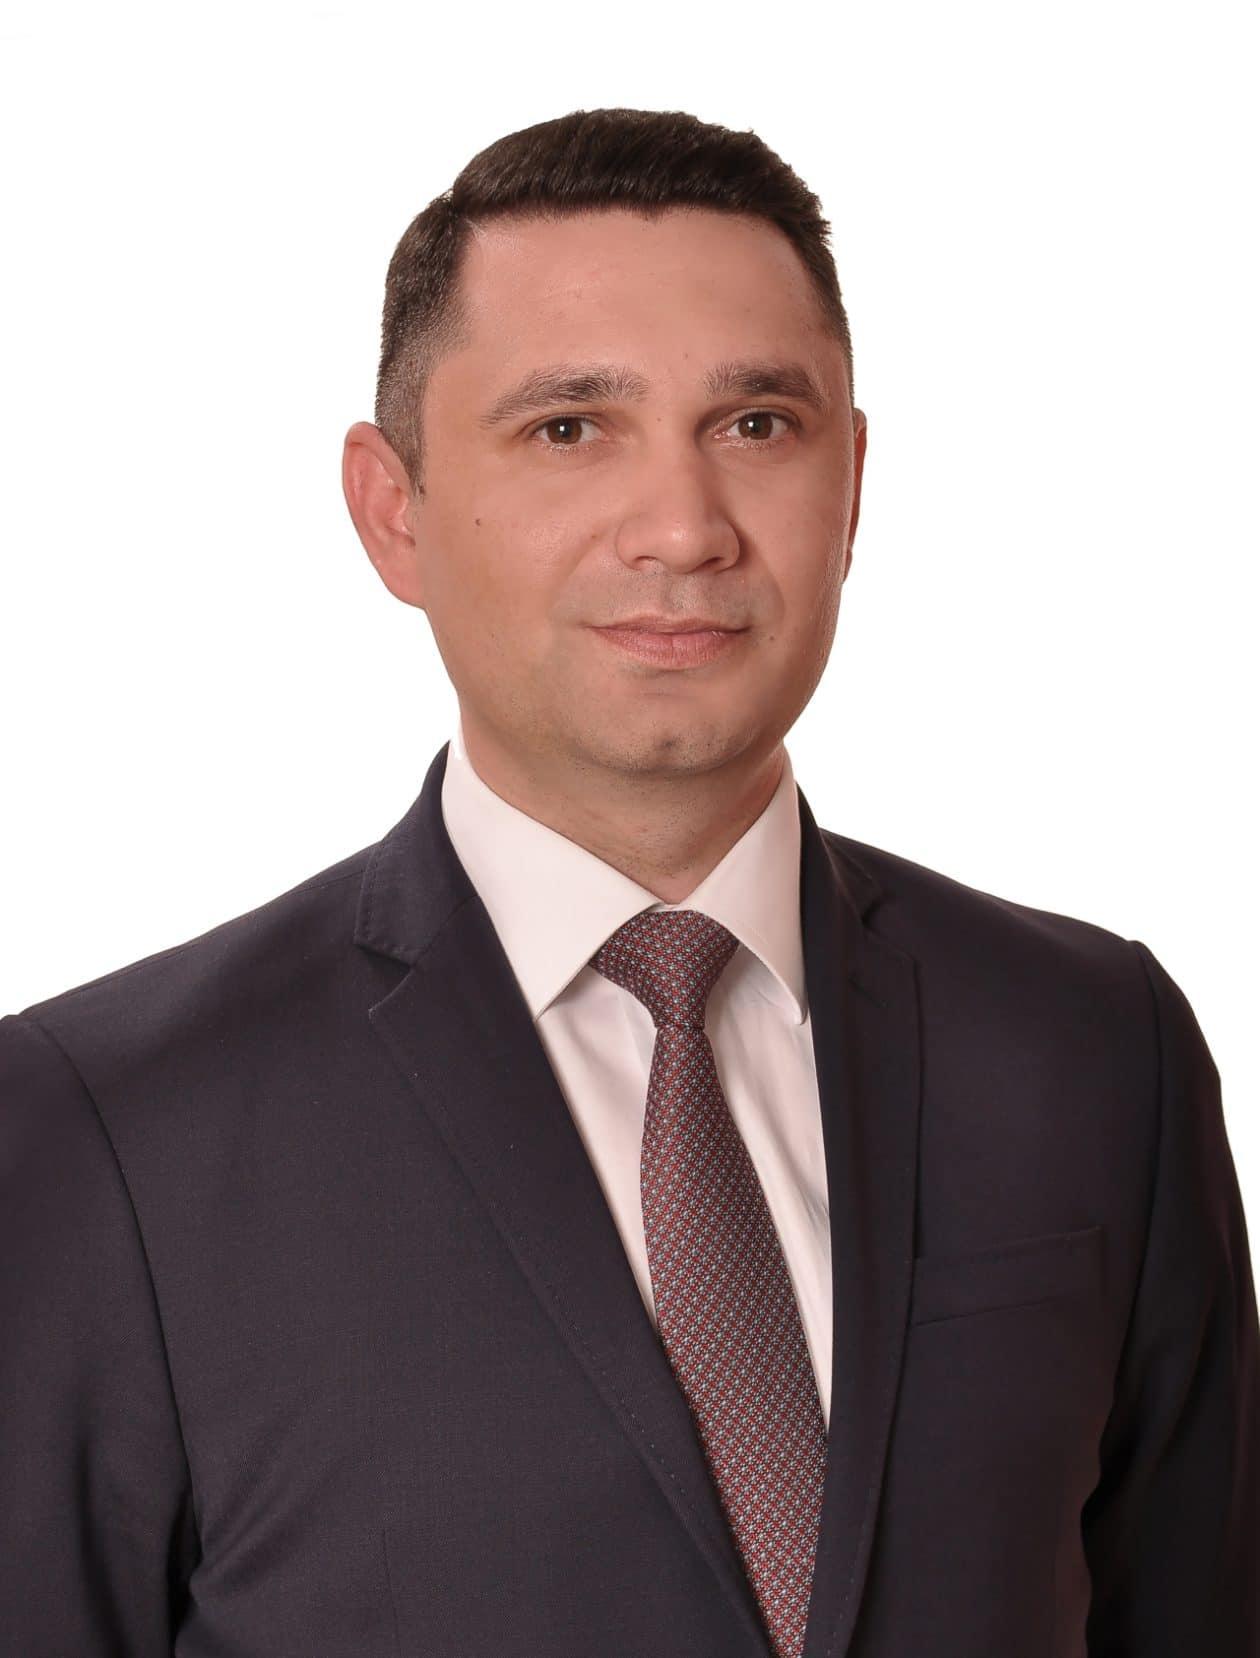 Negocierile PSD-ALDE au stabilit: PSD dă preşedintele CJ Prahova, Bogdan Toader